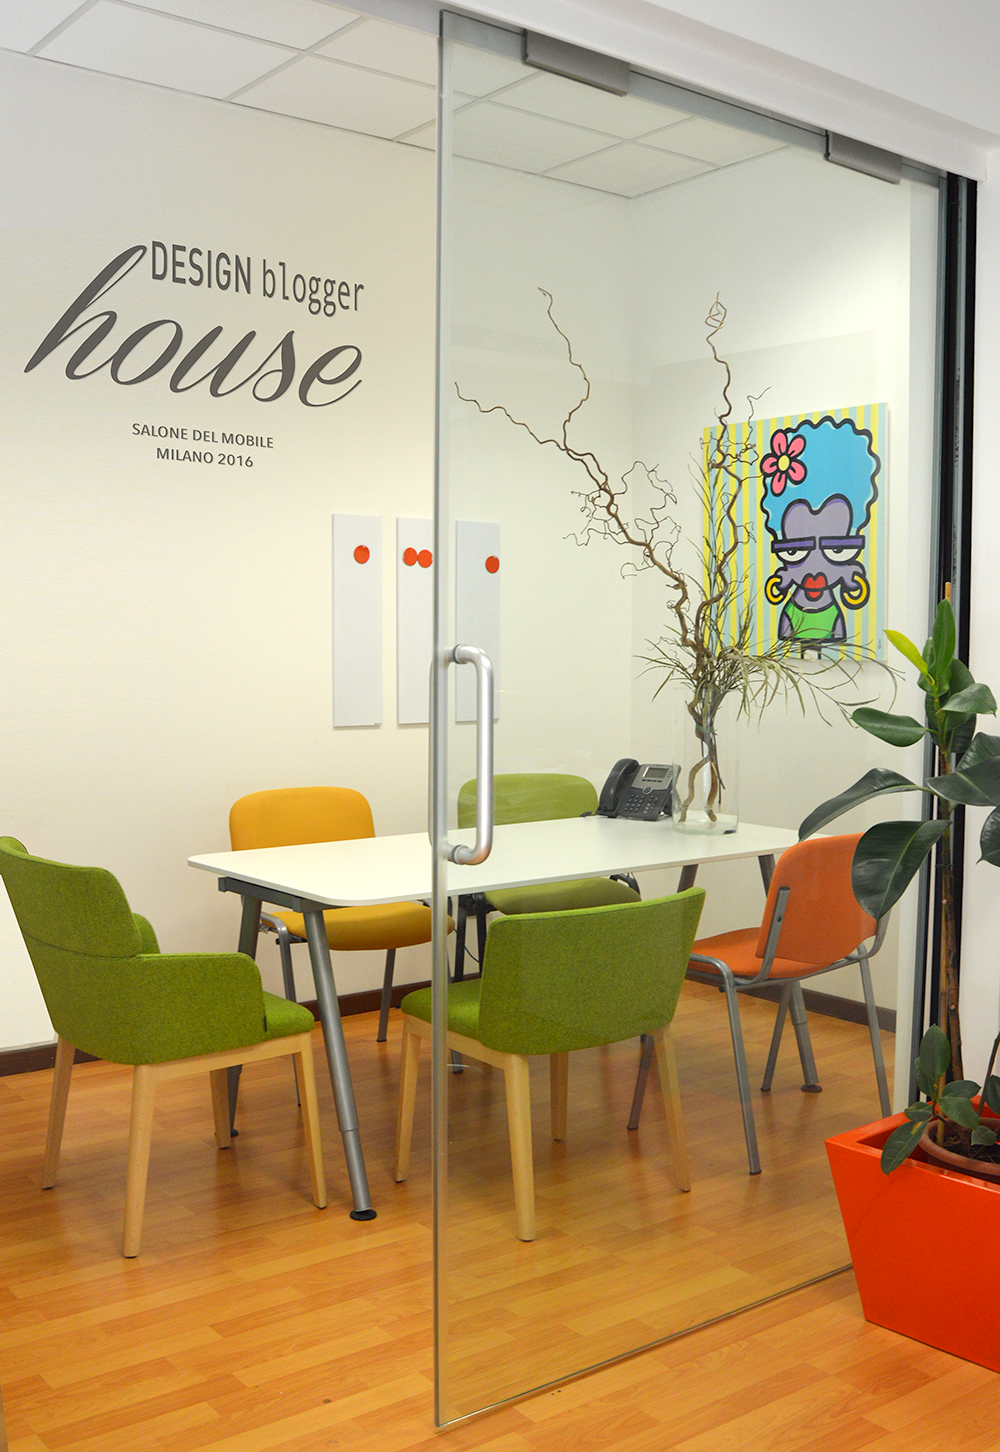 Blogger Design House